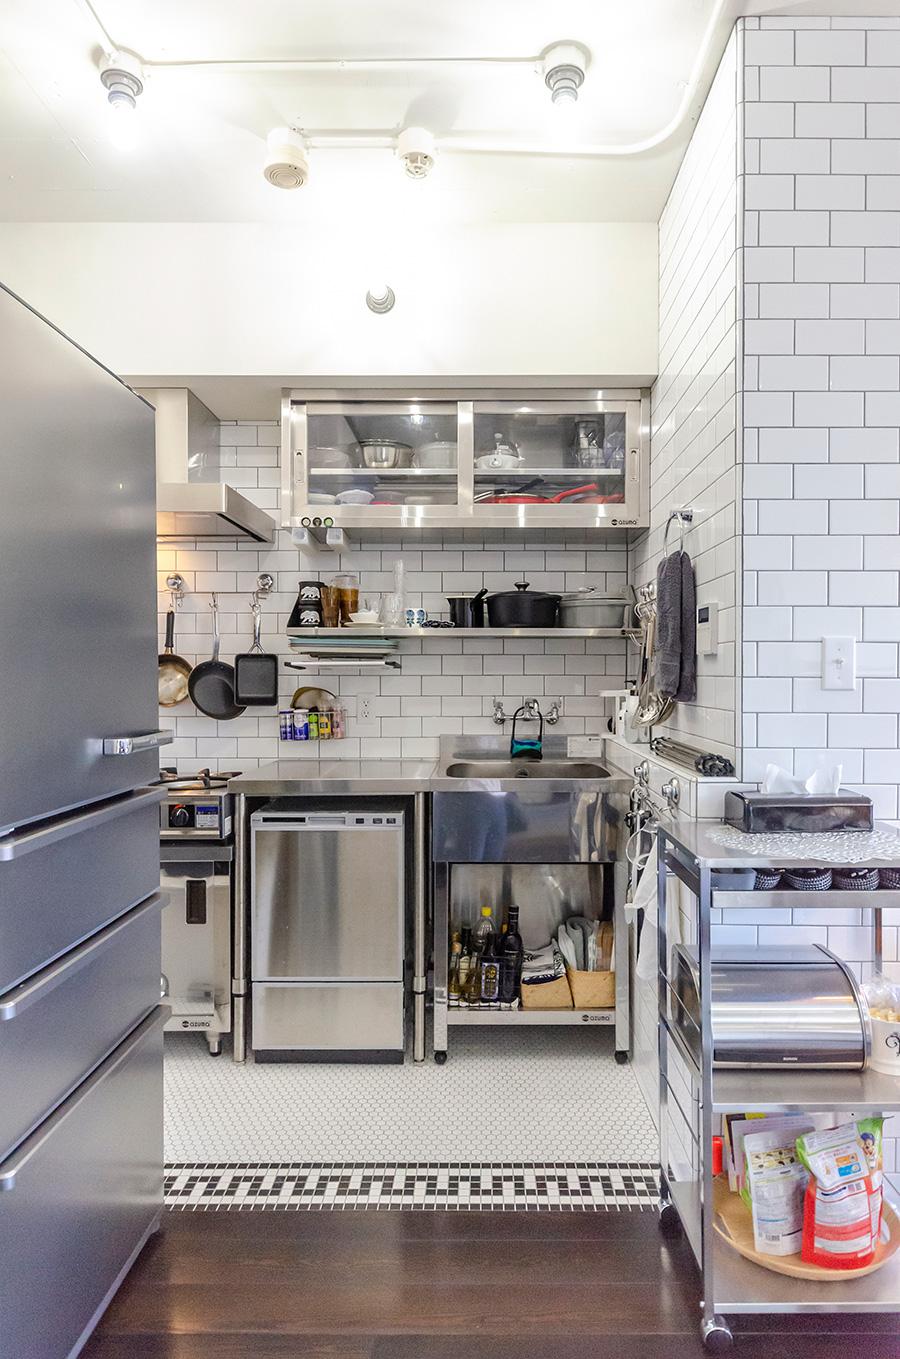 白いタイルがキッチンとリビングの領域を仕切っている。